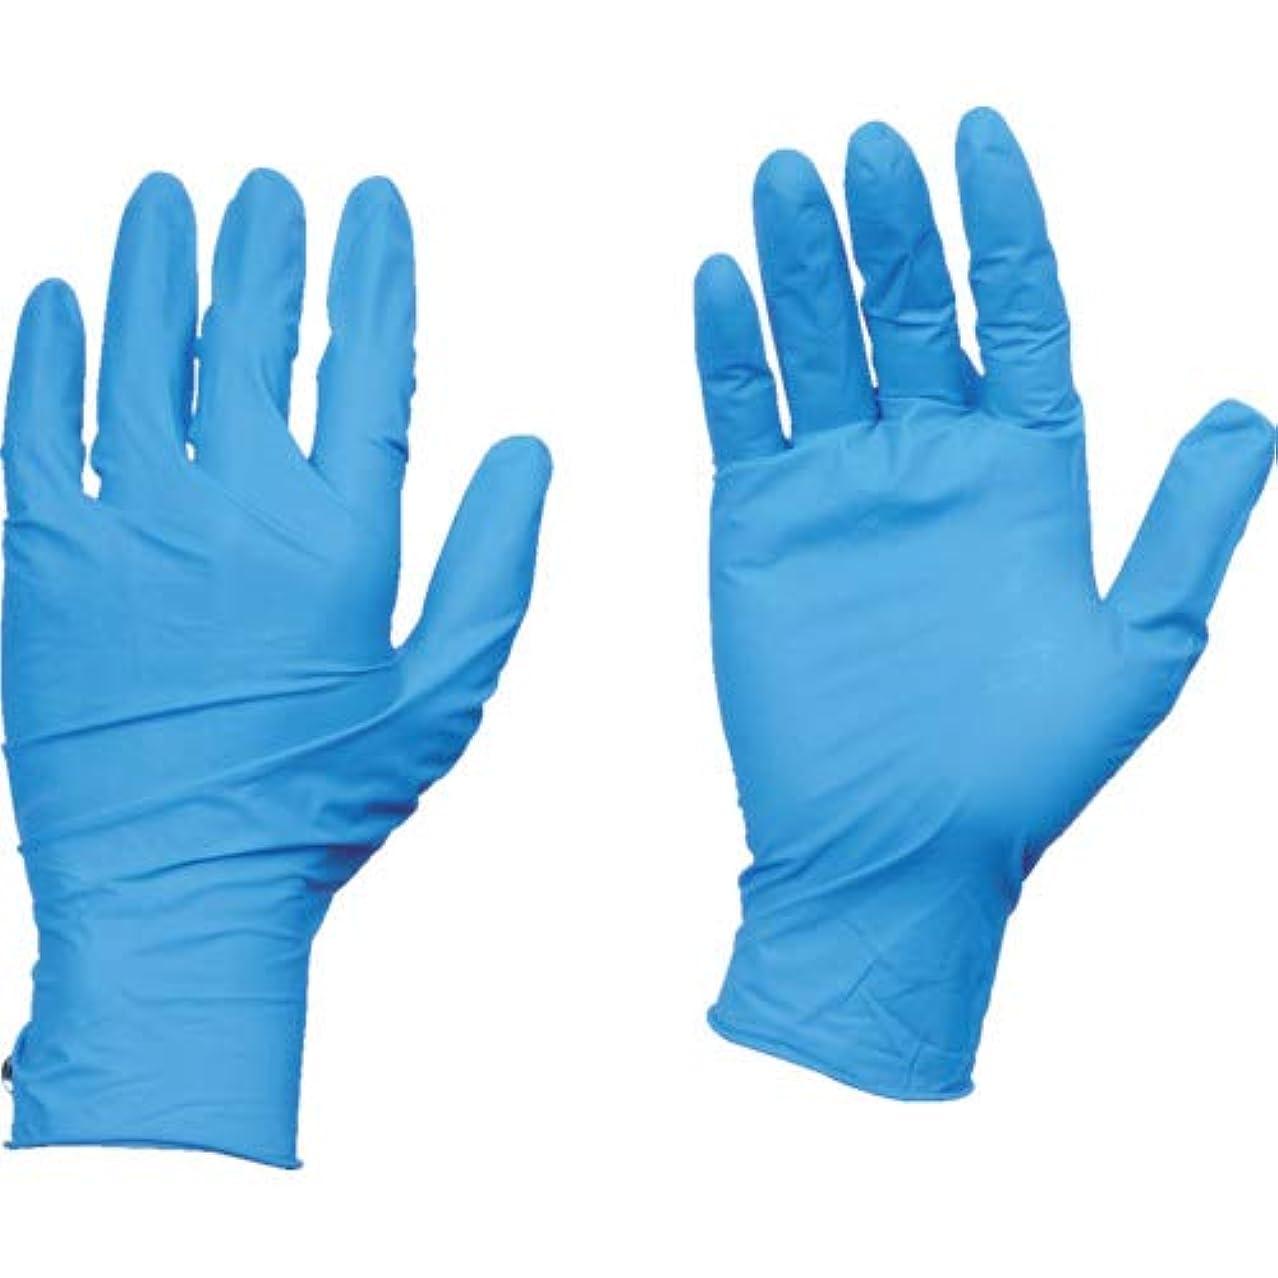 知覚できるマニフェストイソギンチャクTRUSCO(トラスコ) 10箱入り 使い捨て天然ゴム手袋TGワーク 0.10 粉付青M TGPL10BM10C